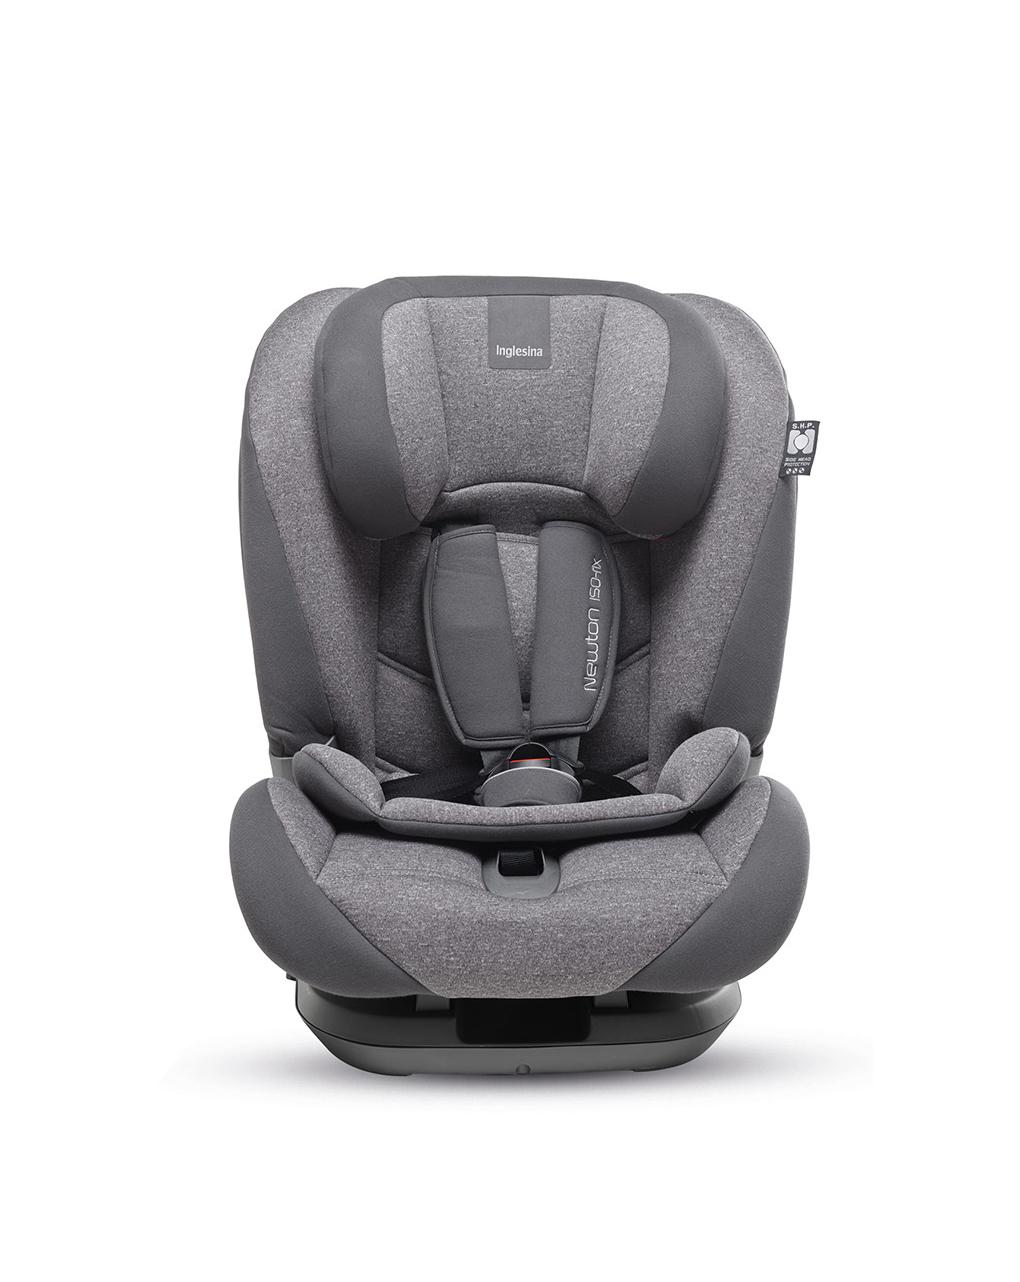 Cadeira auto inglesina newton 1.2.3 ifix, preta - Inglesina